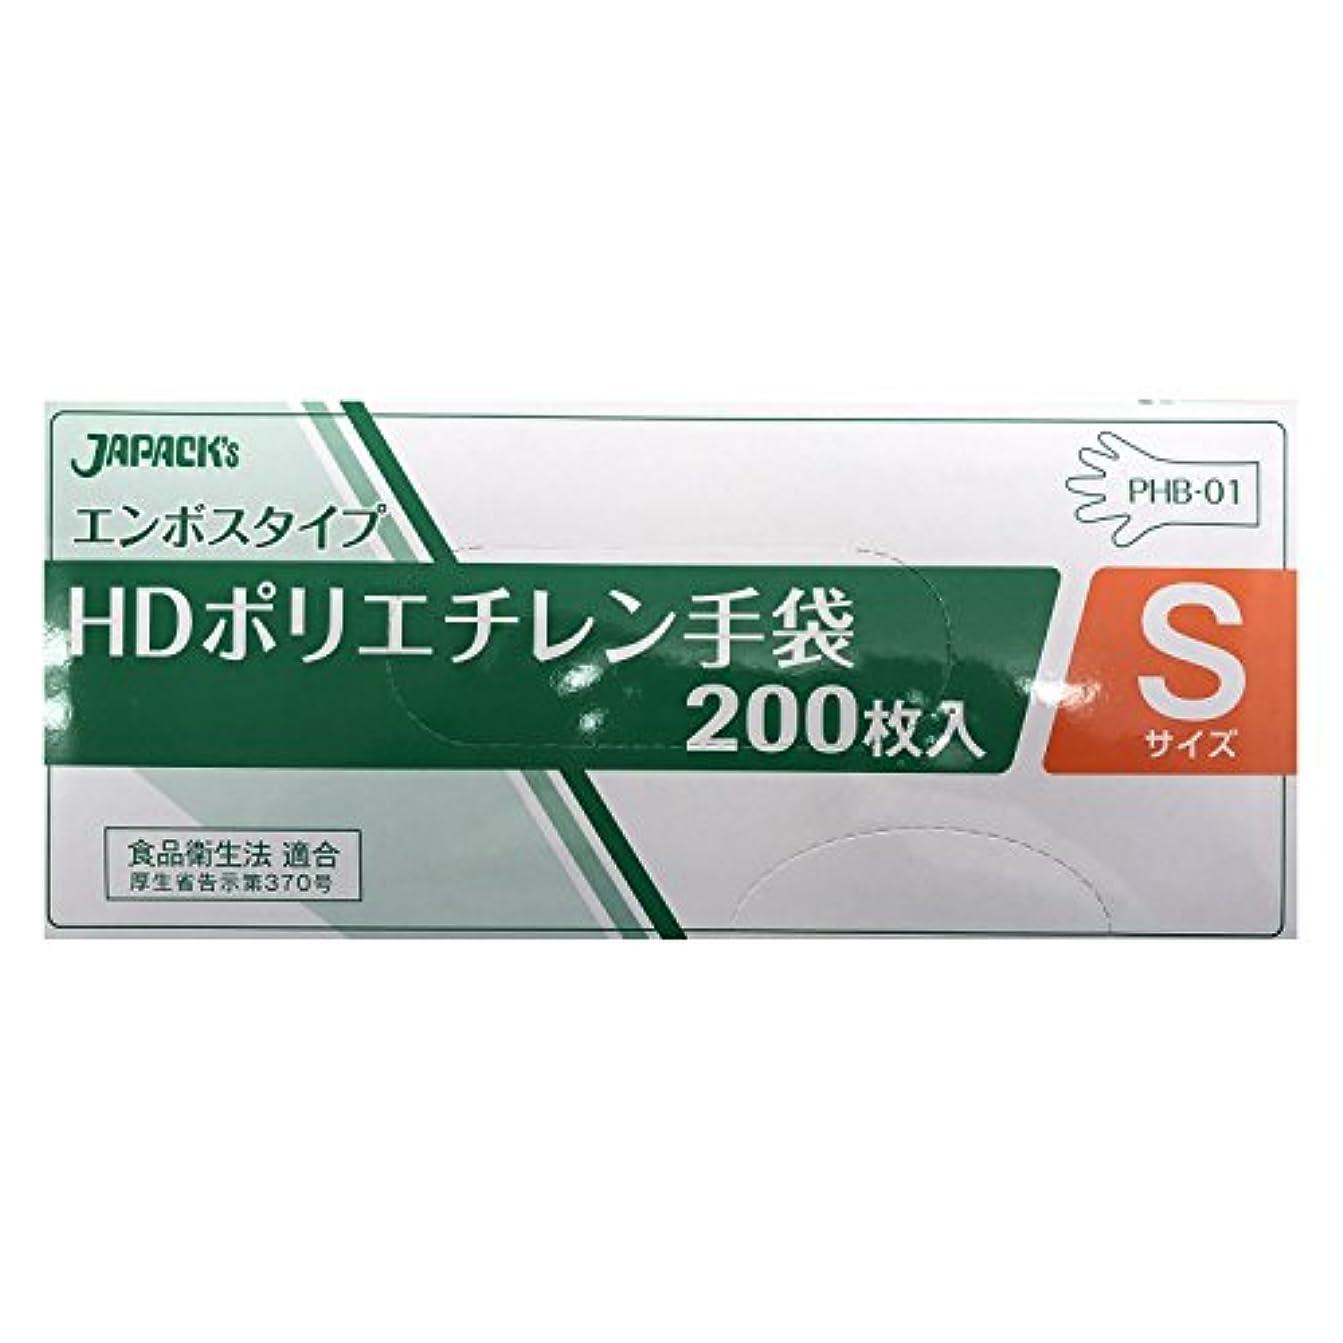 簡単な聴覚障害者いくつかのエンボスタイプ HDポリエチレン手袋 Sサイズ BOX 200枚入 無着色 PHB-01